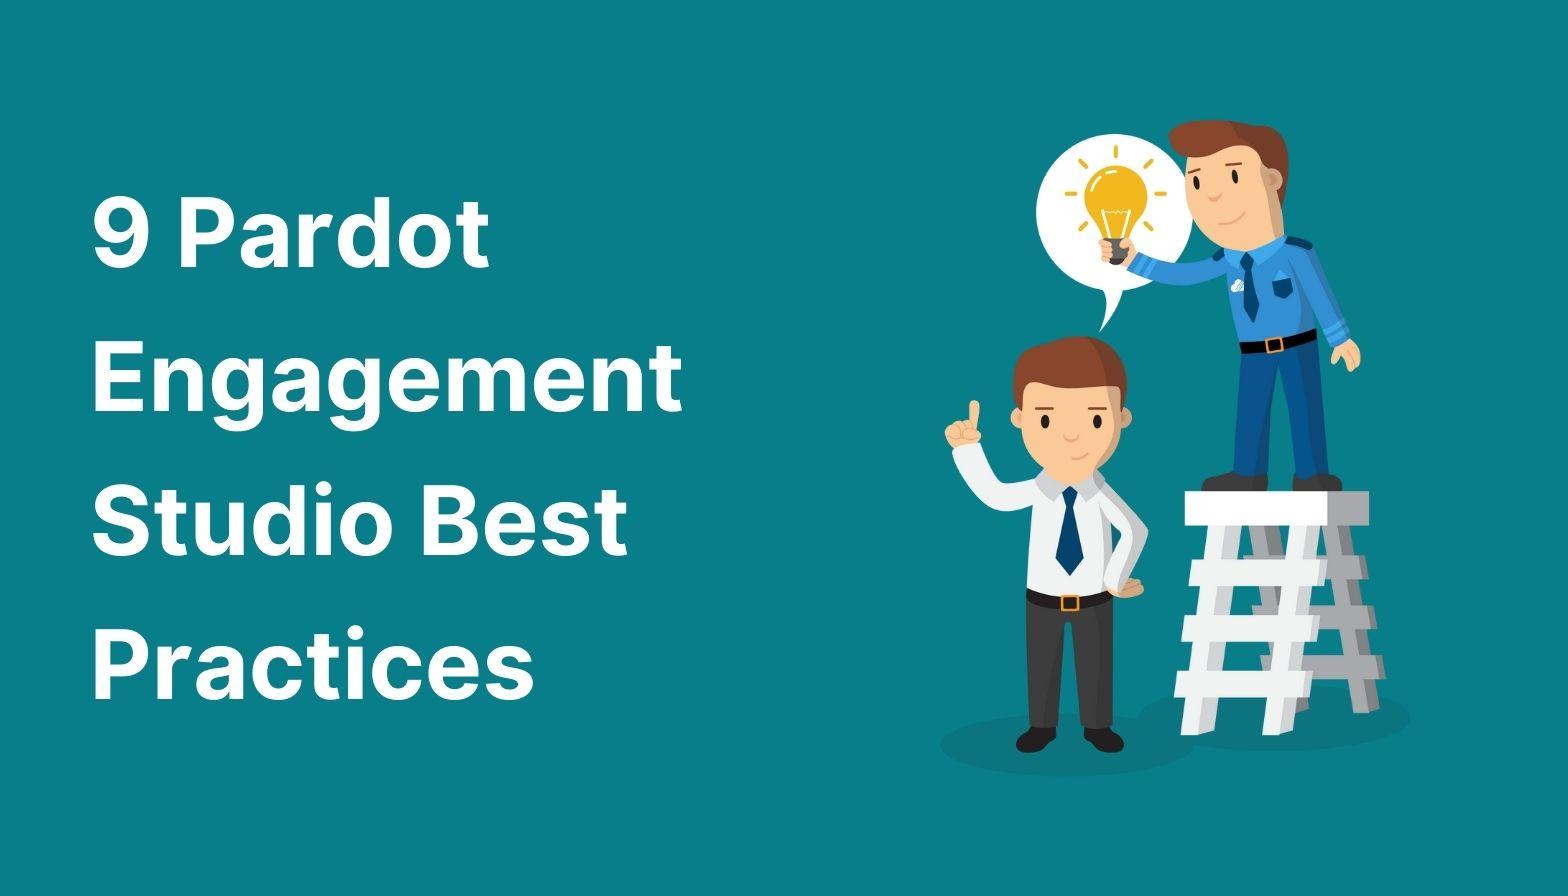 Feature image: 9 Pardot Engagement Studio best practices